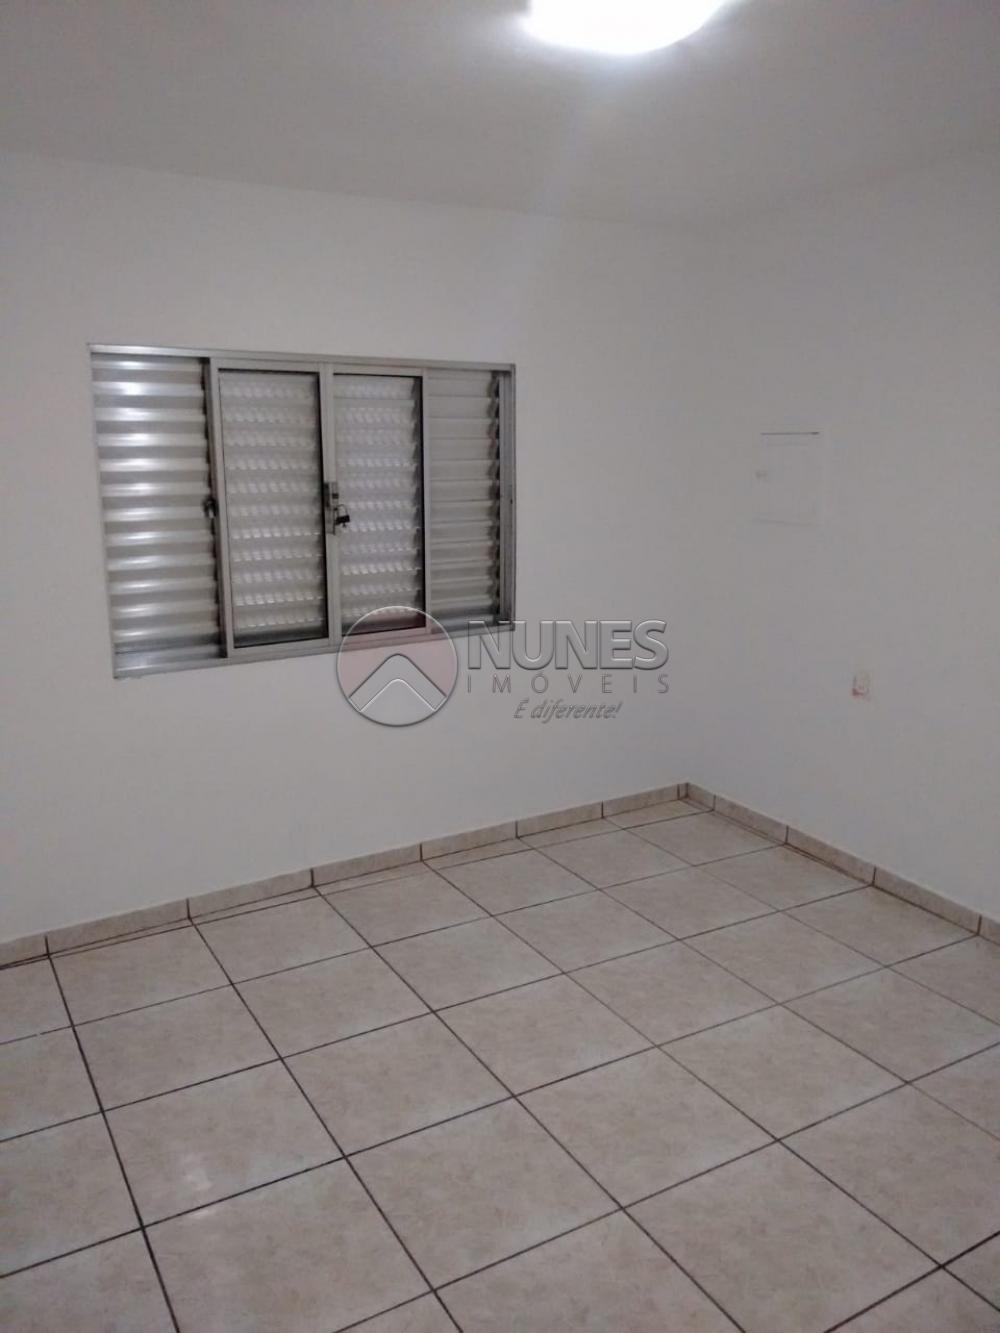 Comprar Casa / Terrea em Osasco apenas R$ 300.000,00 - Foto 17